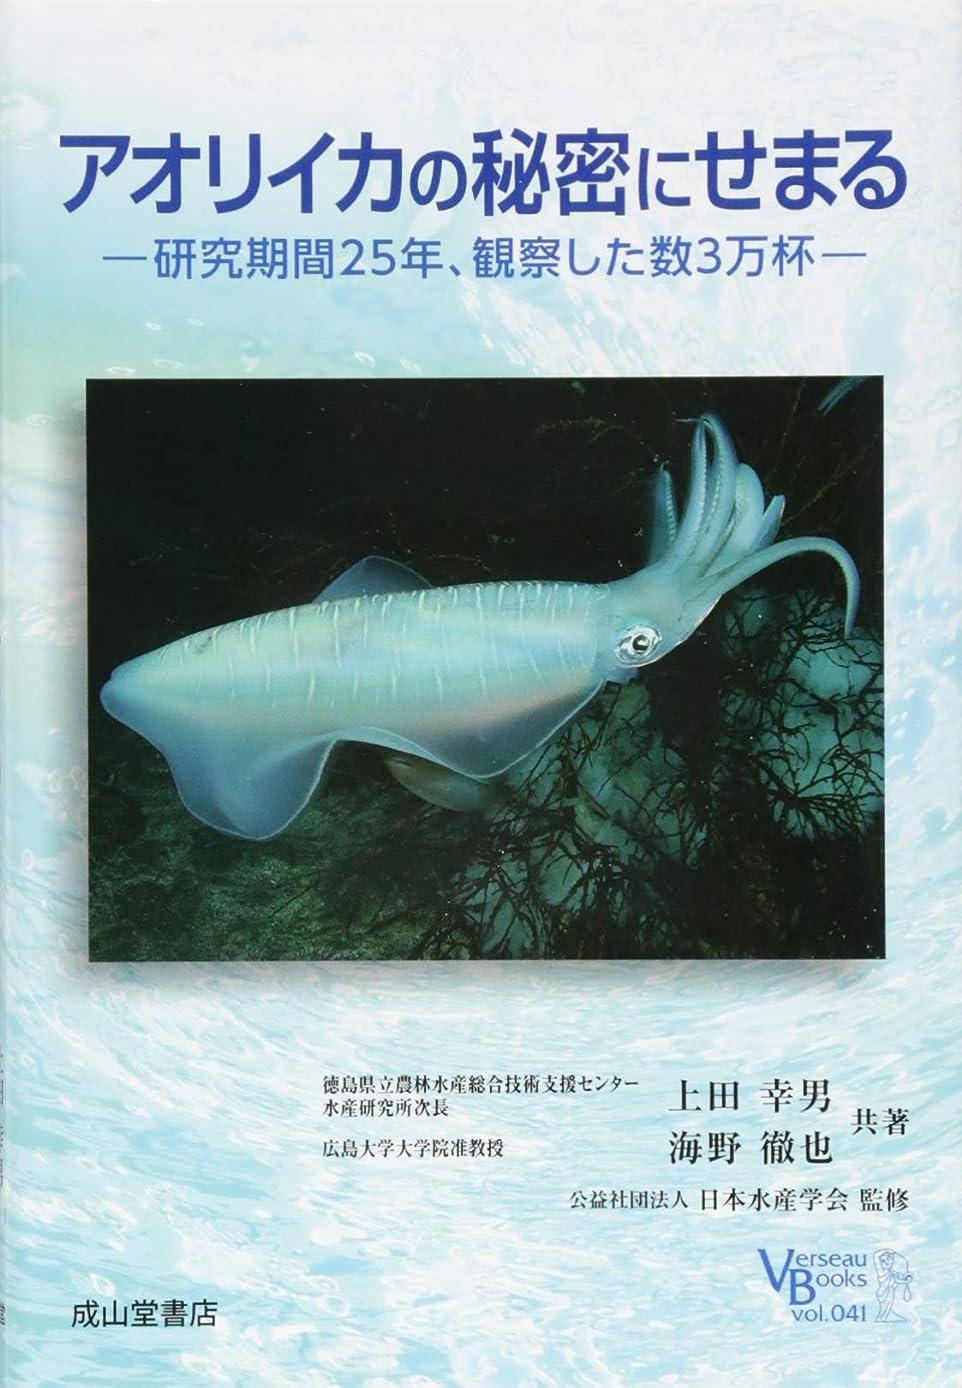 ダイアクリティカル任命解体するアオリイカの秘密にせまる―研究期間25年、観察した数3万杯 (ベルソーブックス)